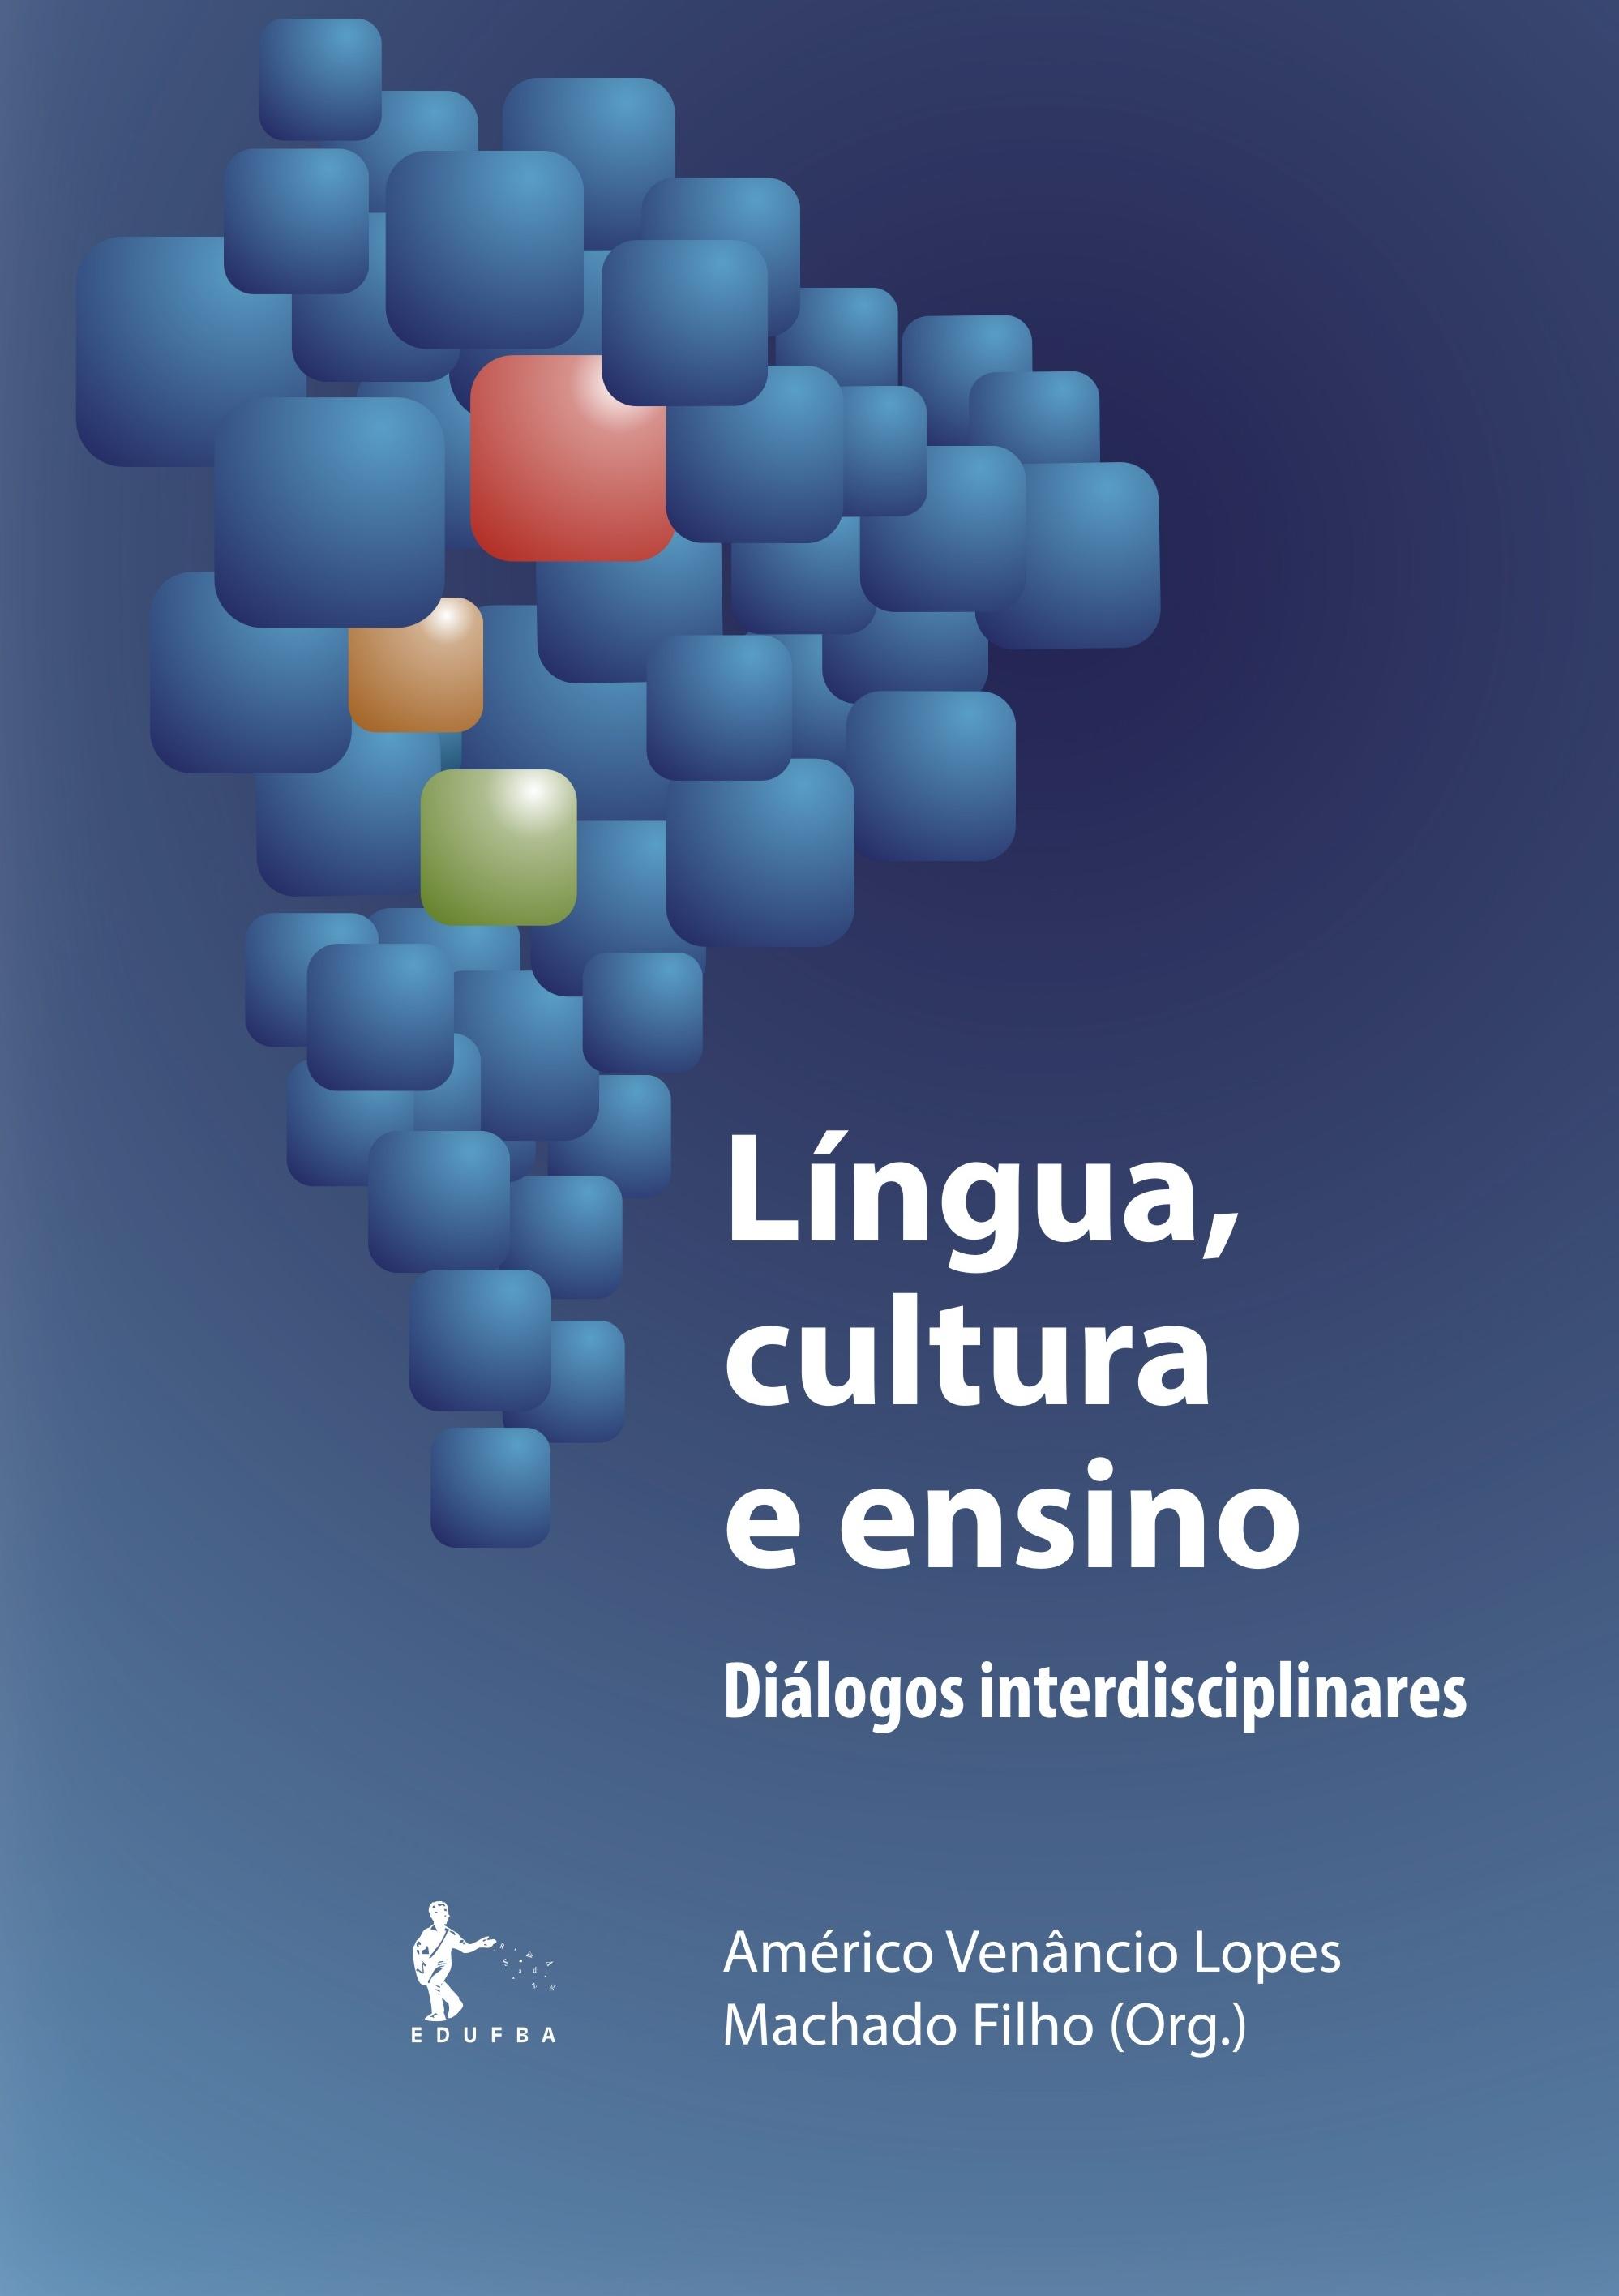 Língua, cultura e ensino: diálogos interdisciplinares, livro de Américo Venâncio Lopes Machado Filho (org.)